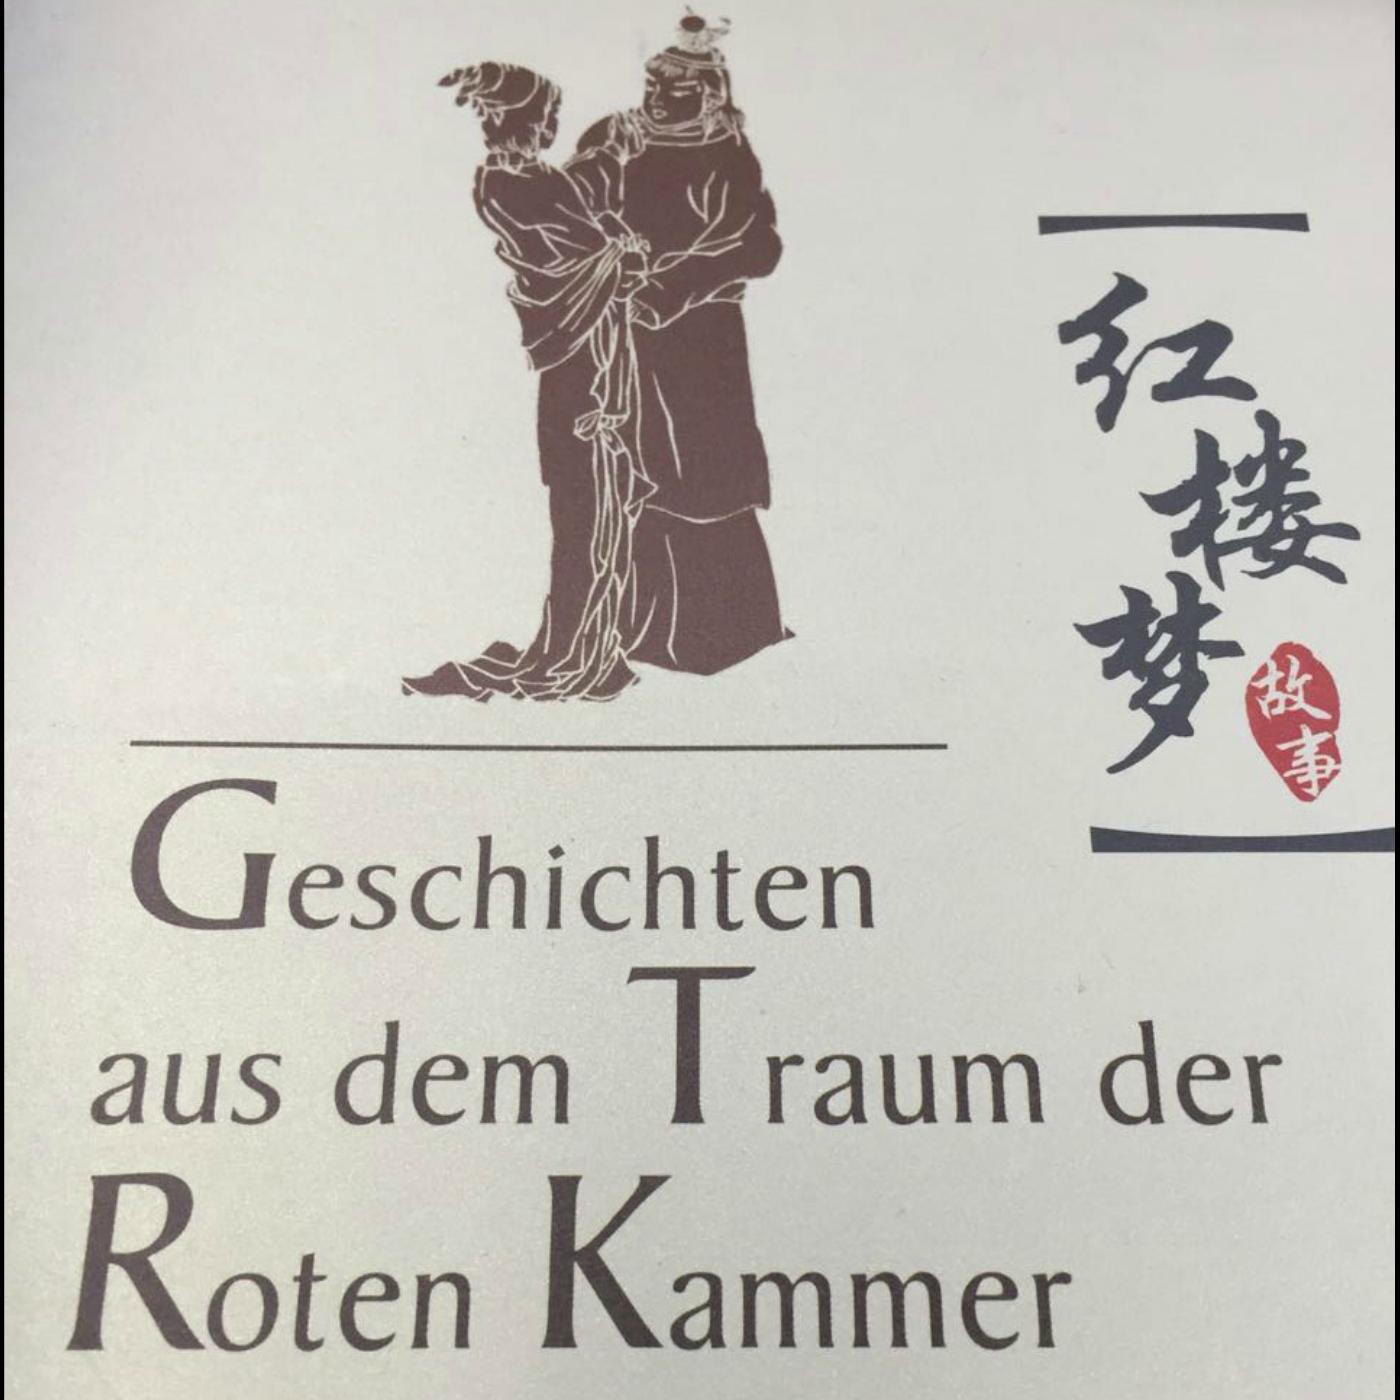 德语听书 |《红楼梦故事》